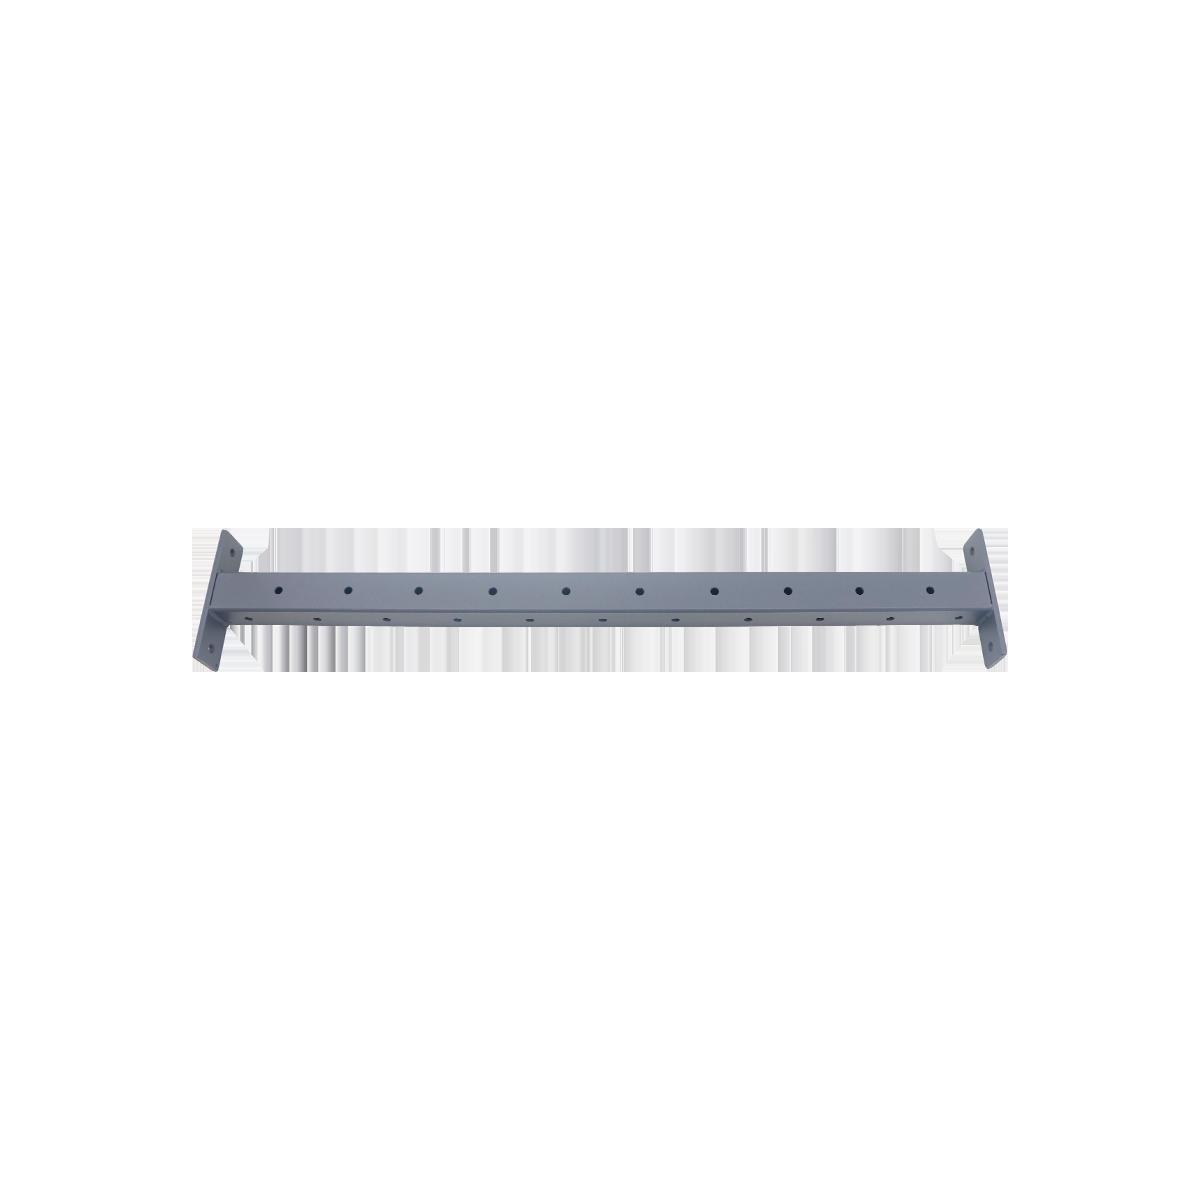 Οριζόντιος-Δοκός-Σύνδεσης-60x60x3-x-1100mm-με-λάμα_HEGREN.png